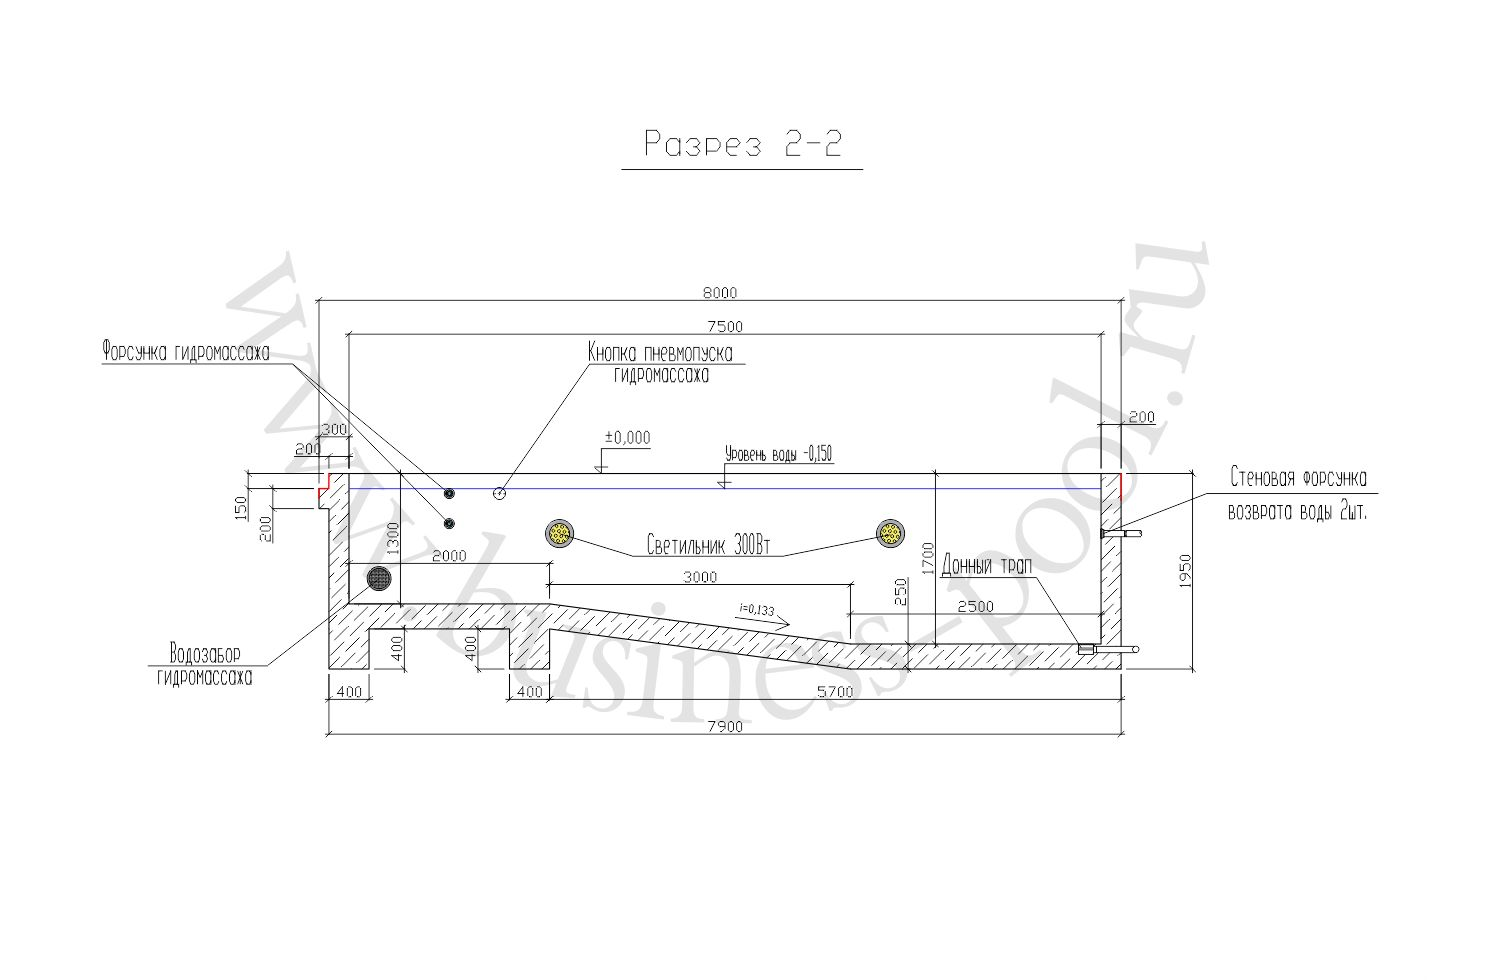 Разрез 2-2 тз-0025-с